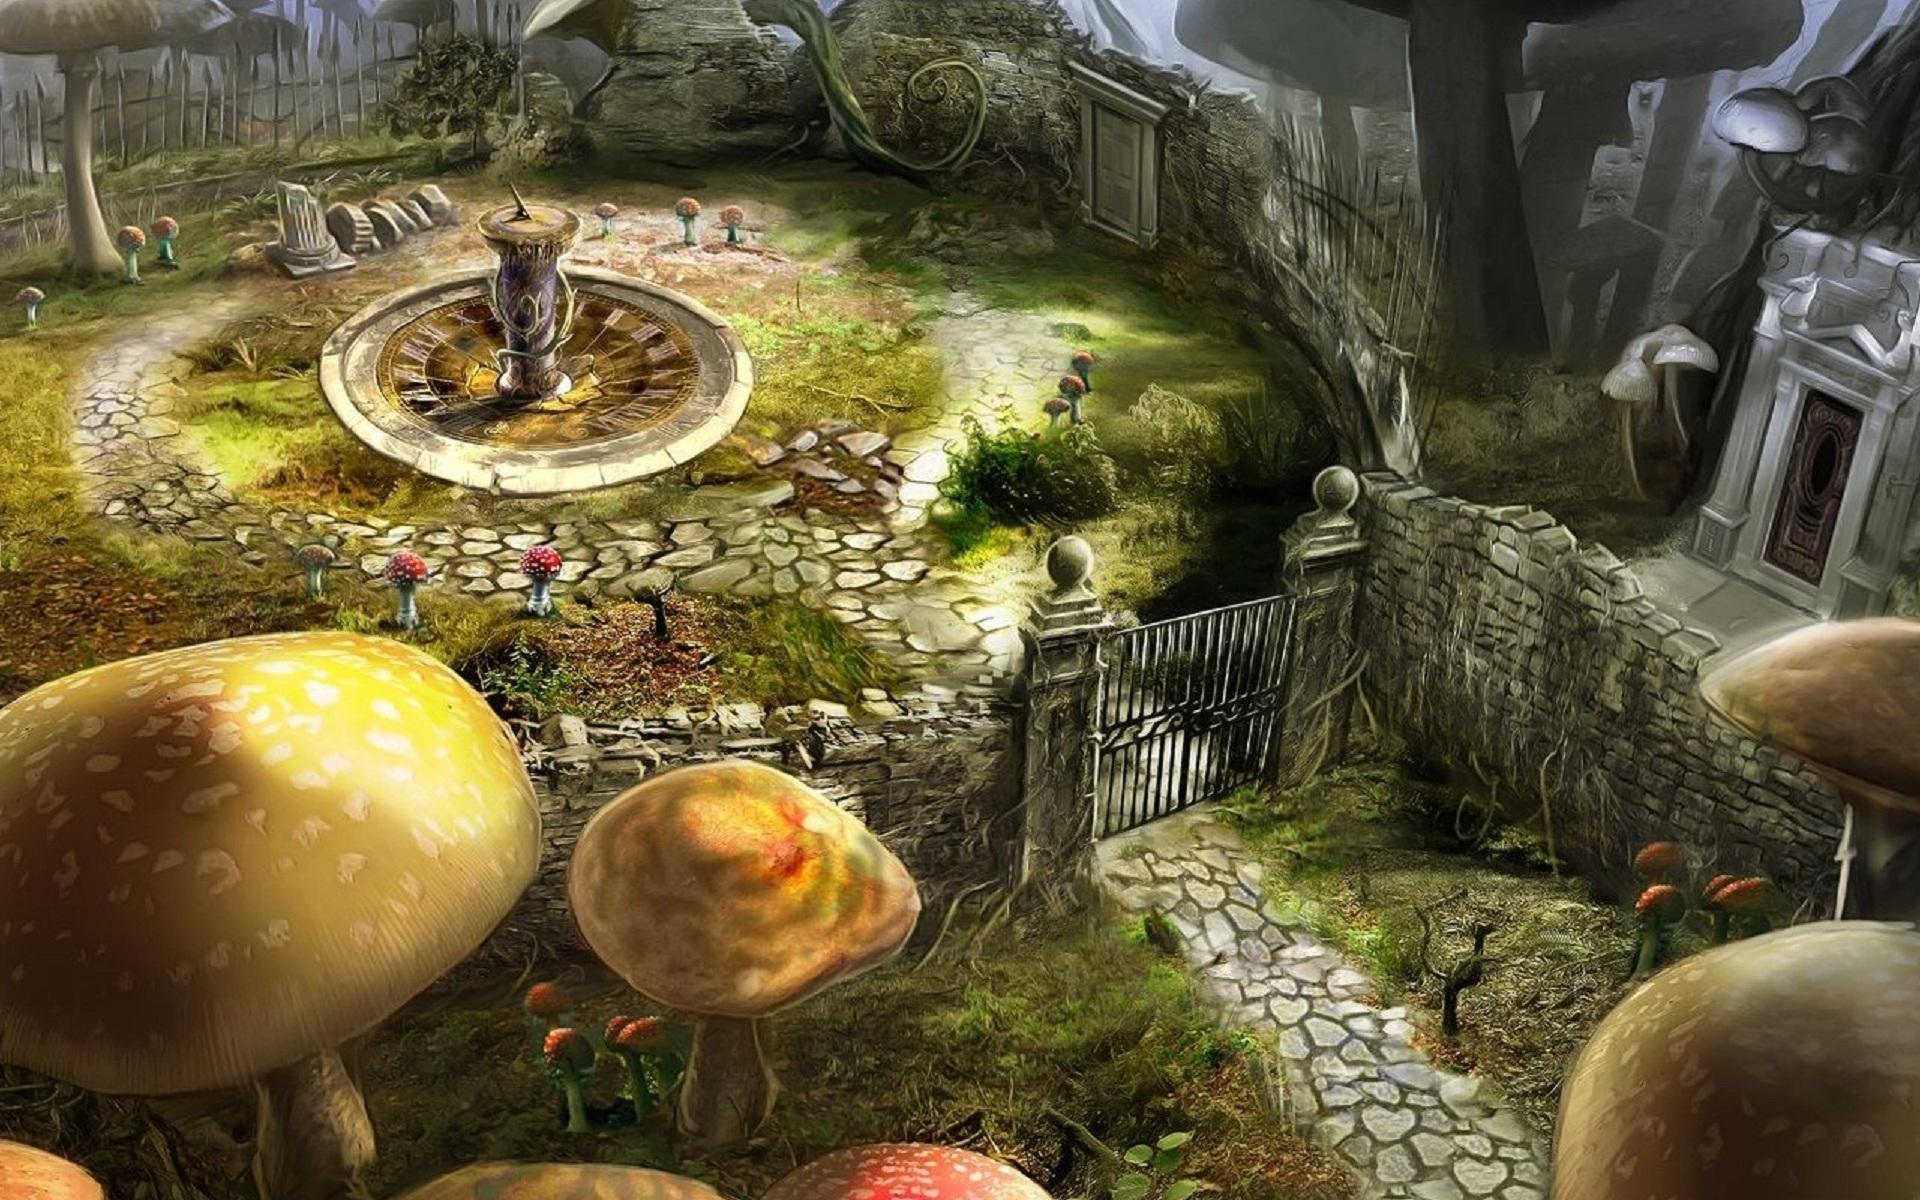 download wallpaper: Alice in Wonderland – de tuin wallpaper